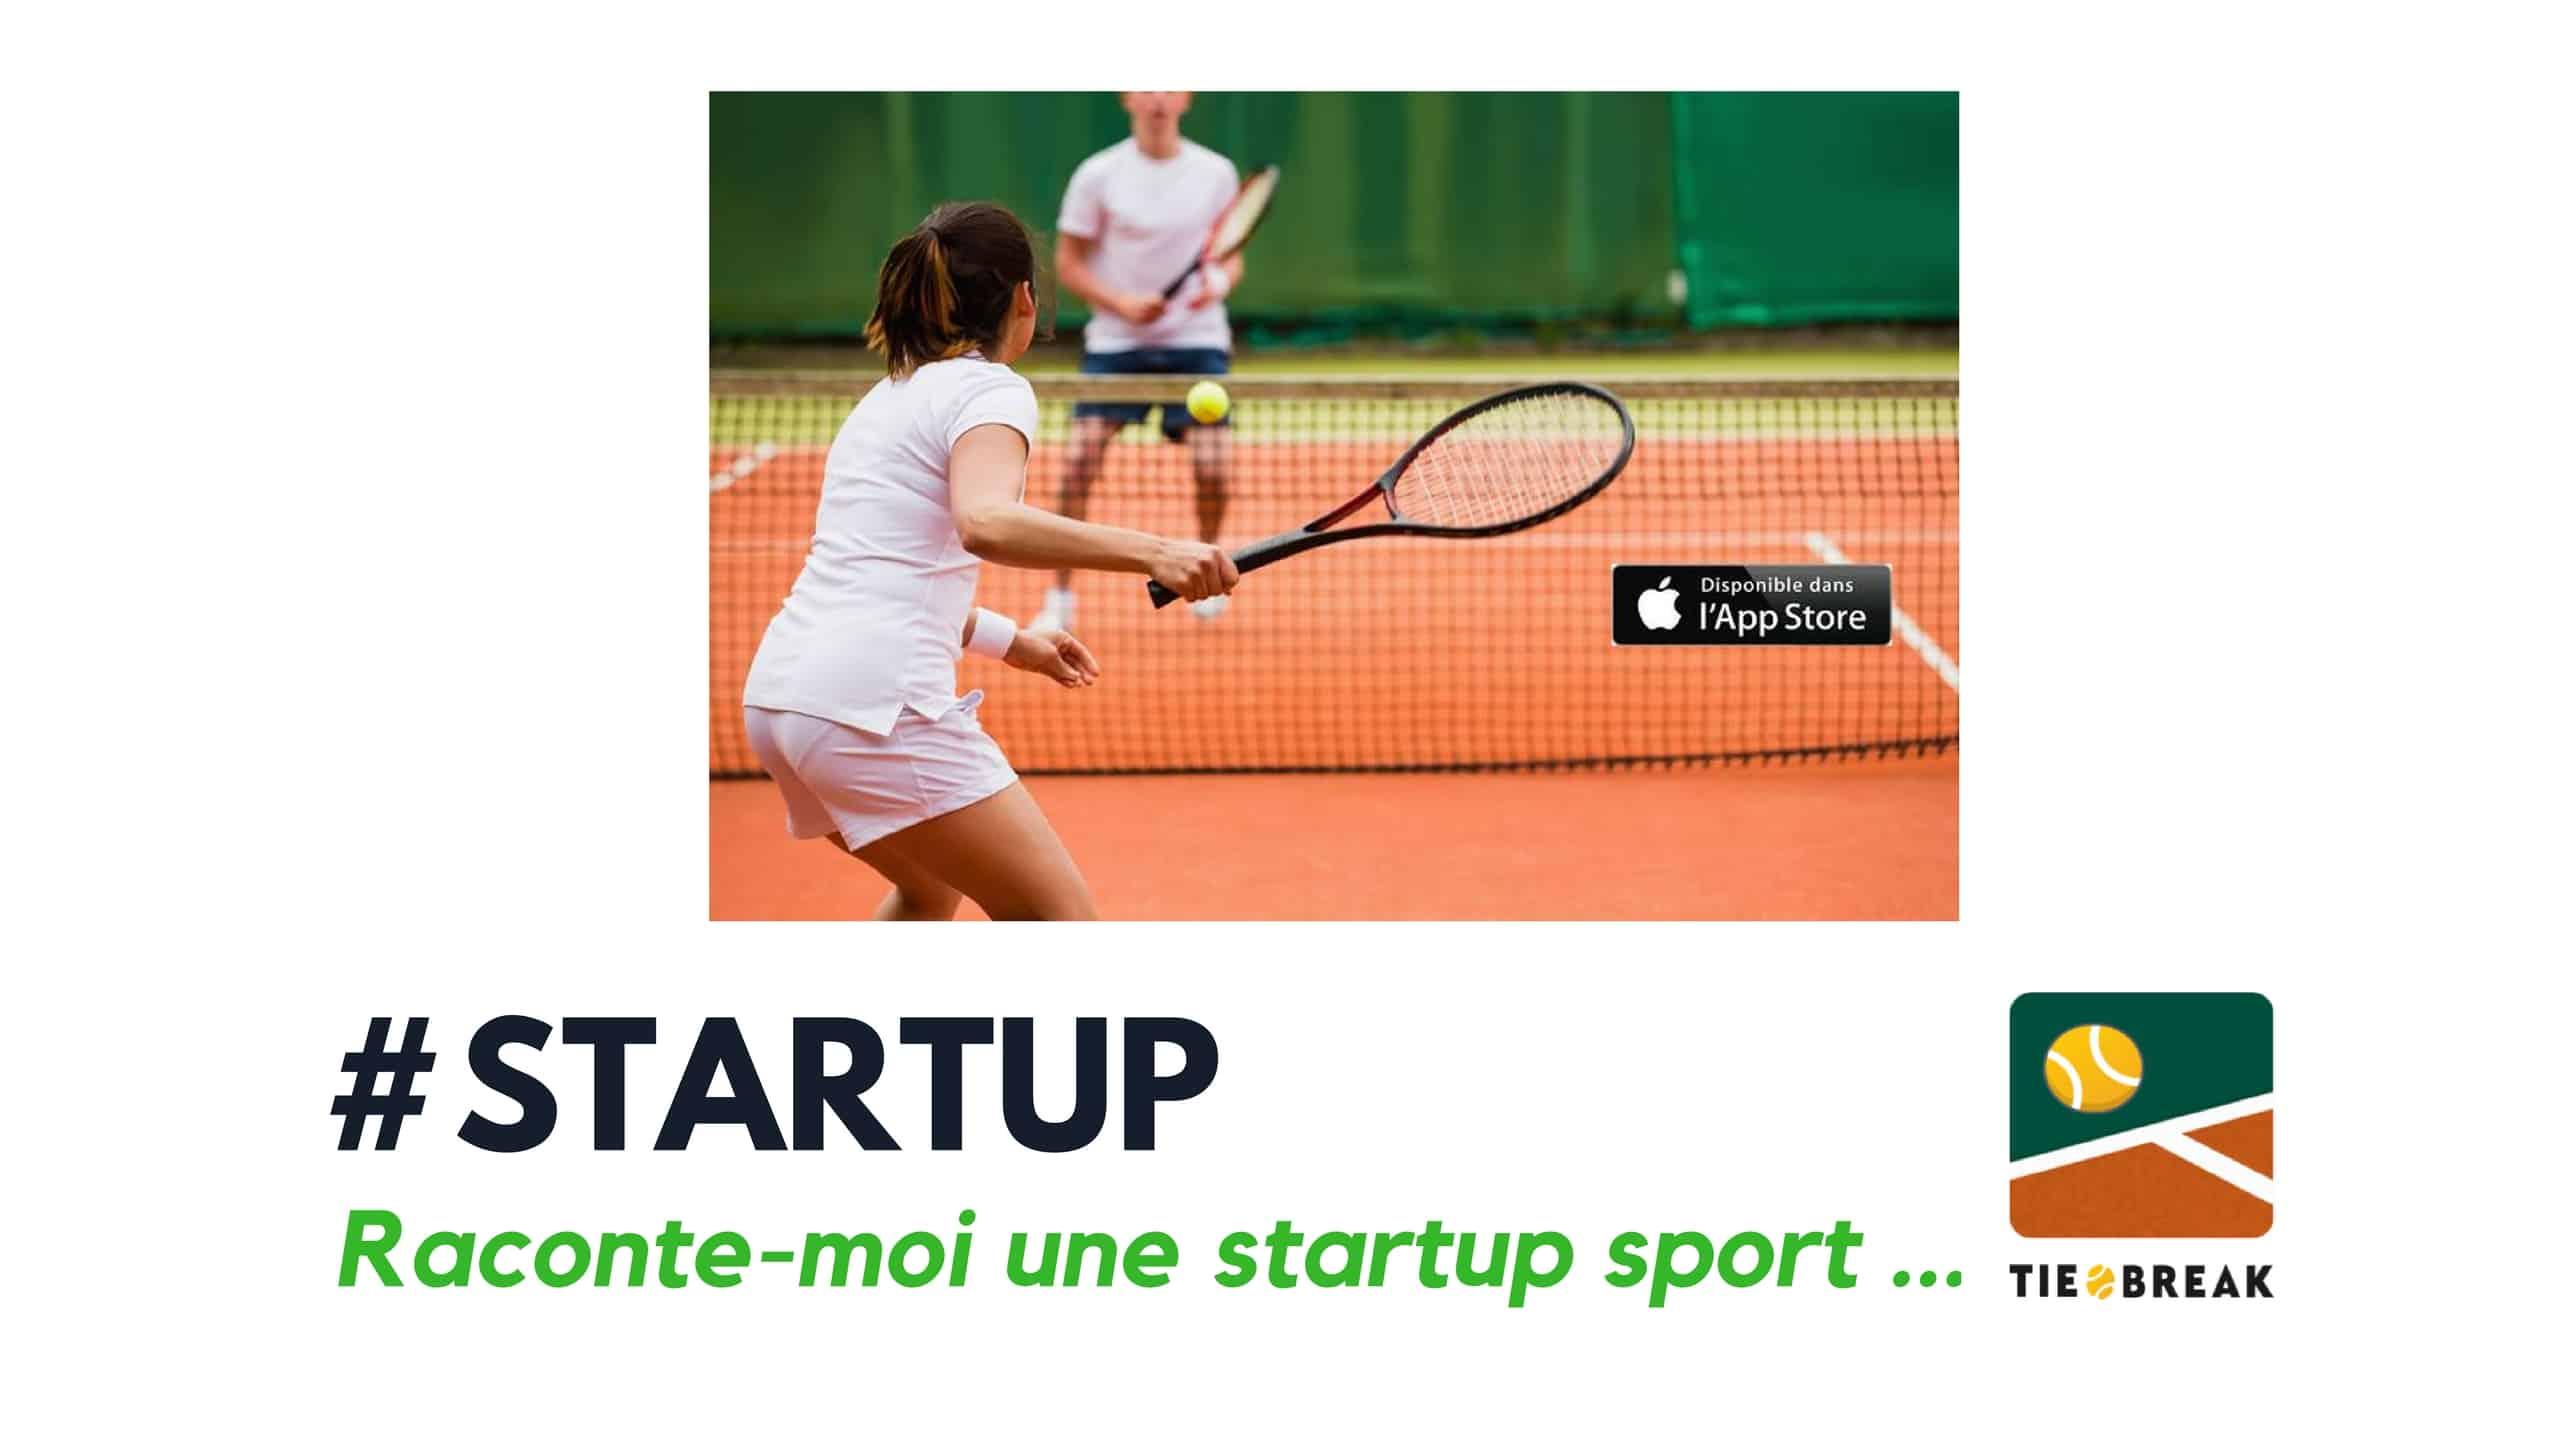 startup sport tennis